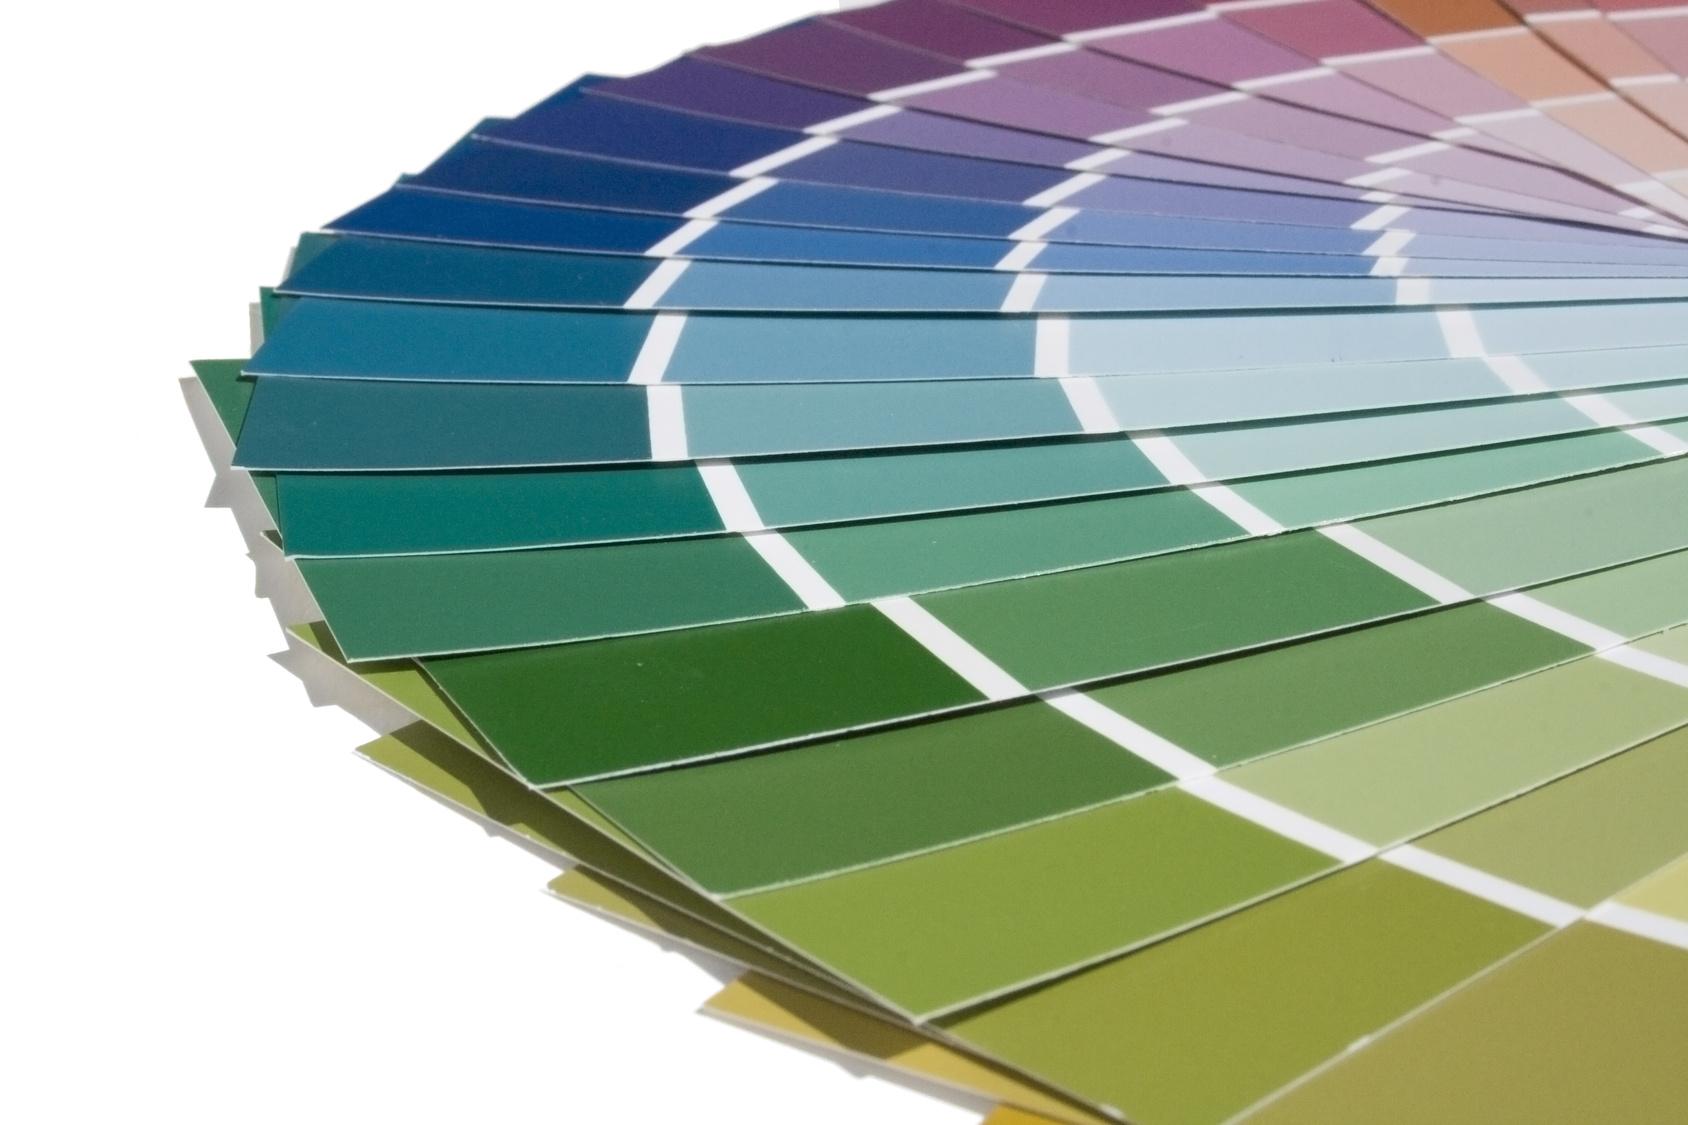 Marvelous Benjamin Moore Paint Blackhawk Hardware Largest Home Design Picture Inspirations Pitcheantrous